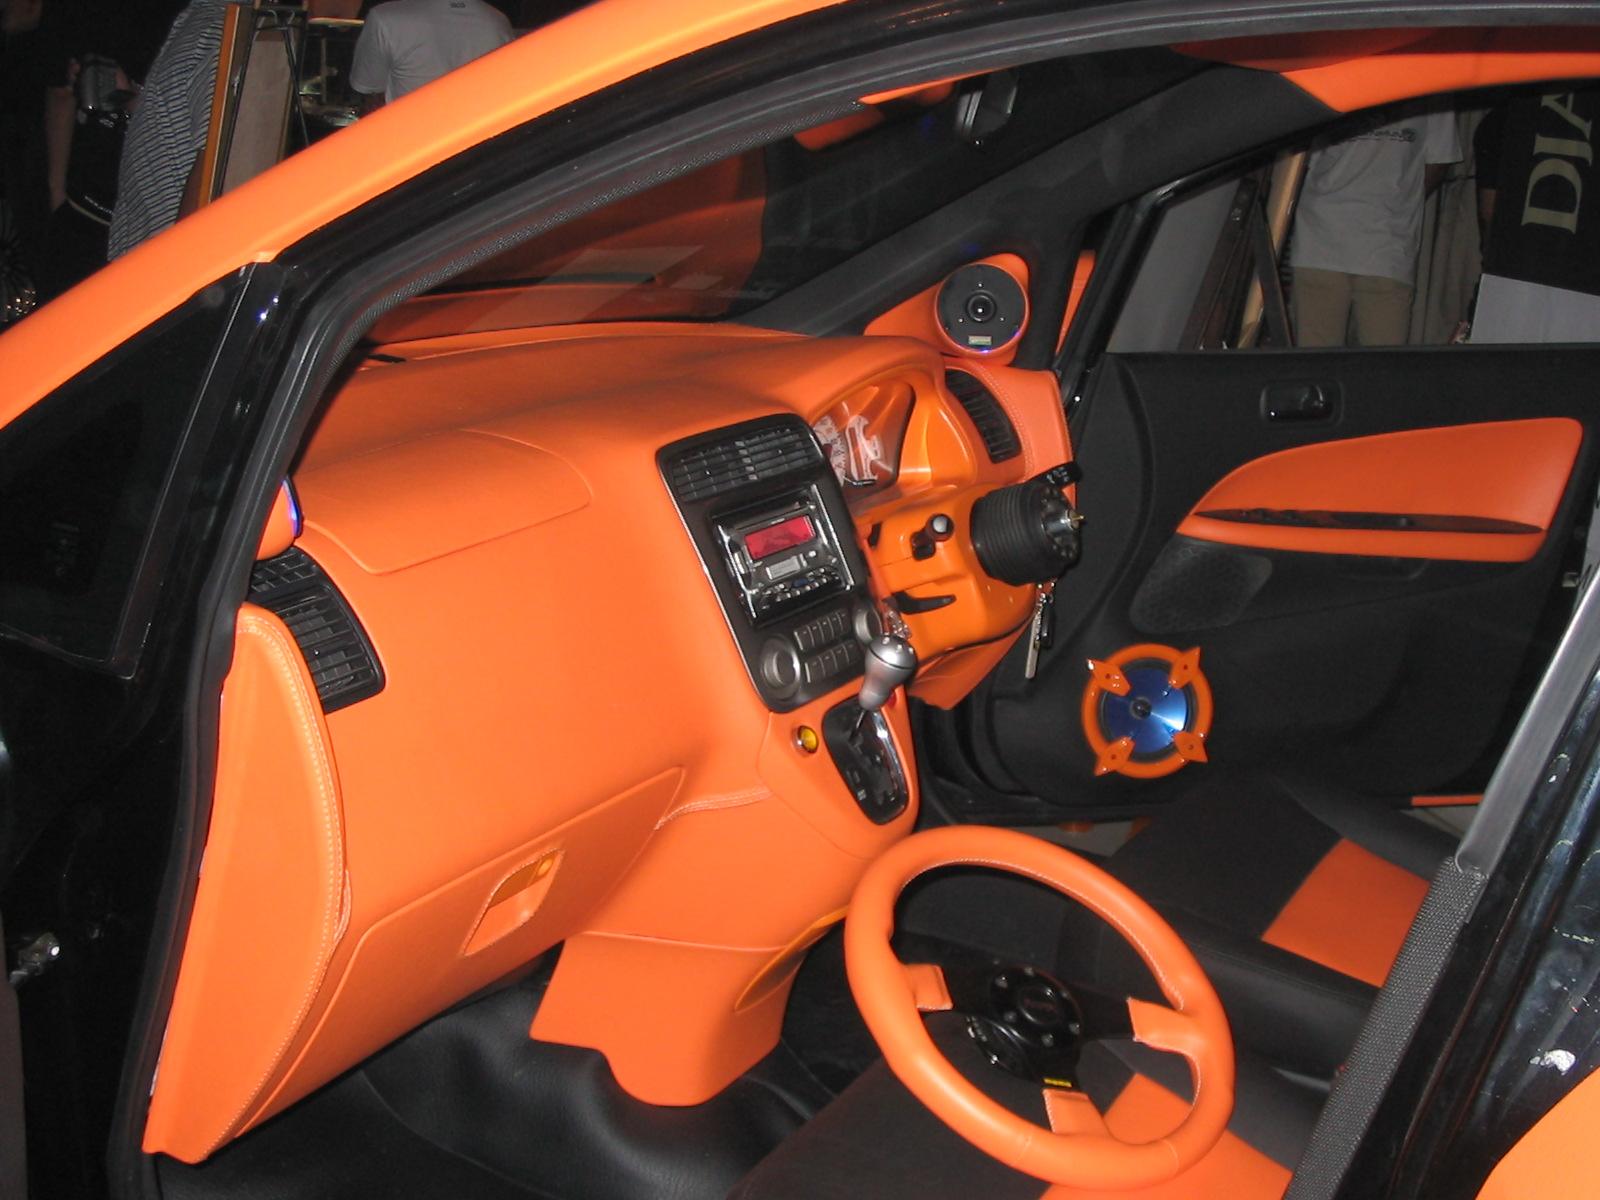 Modif Interior Audio Cars Techno New Car Concept